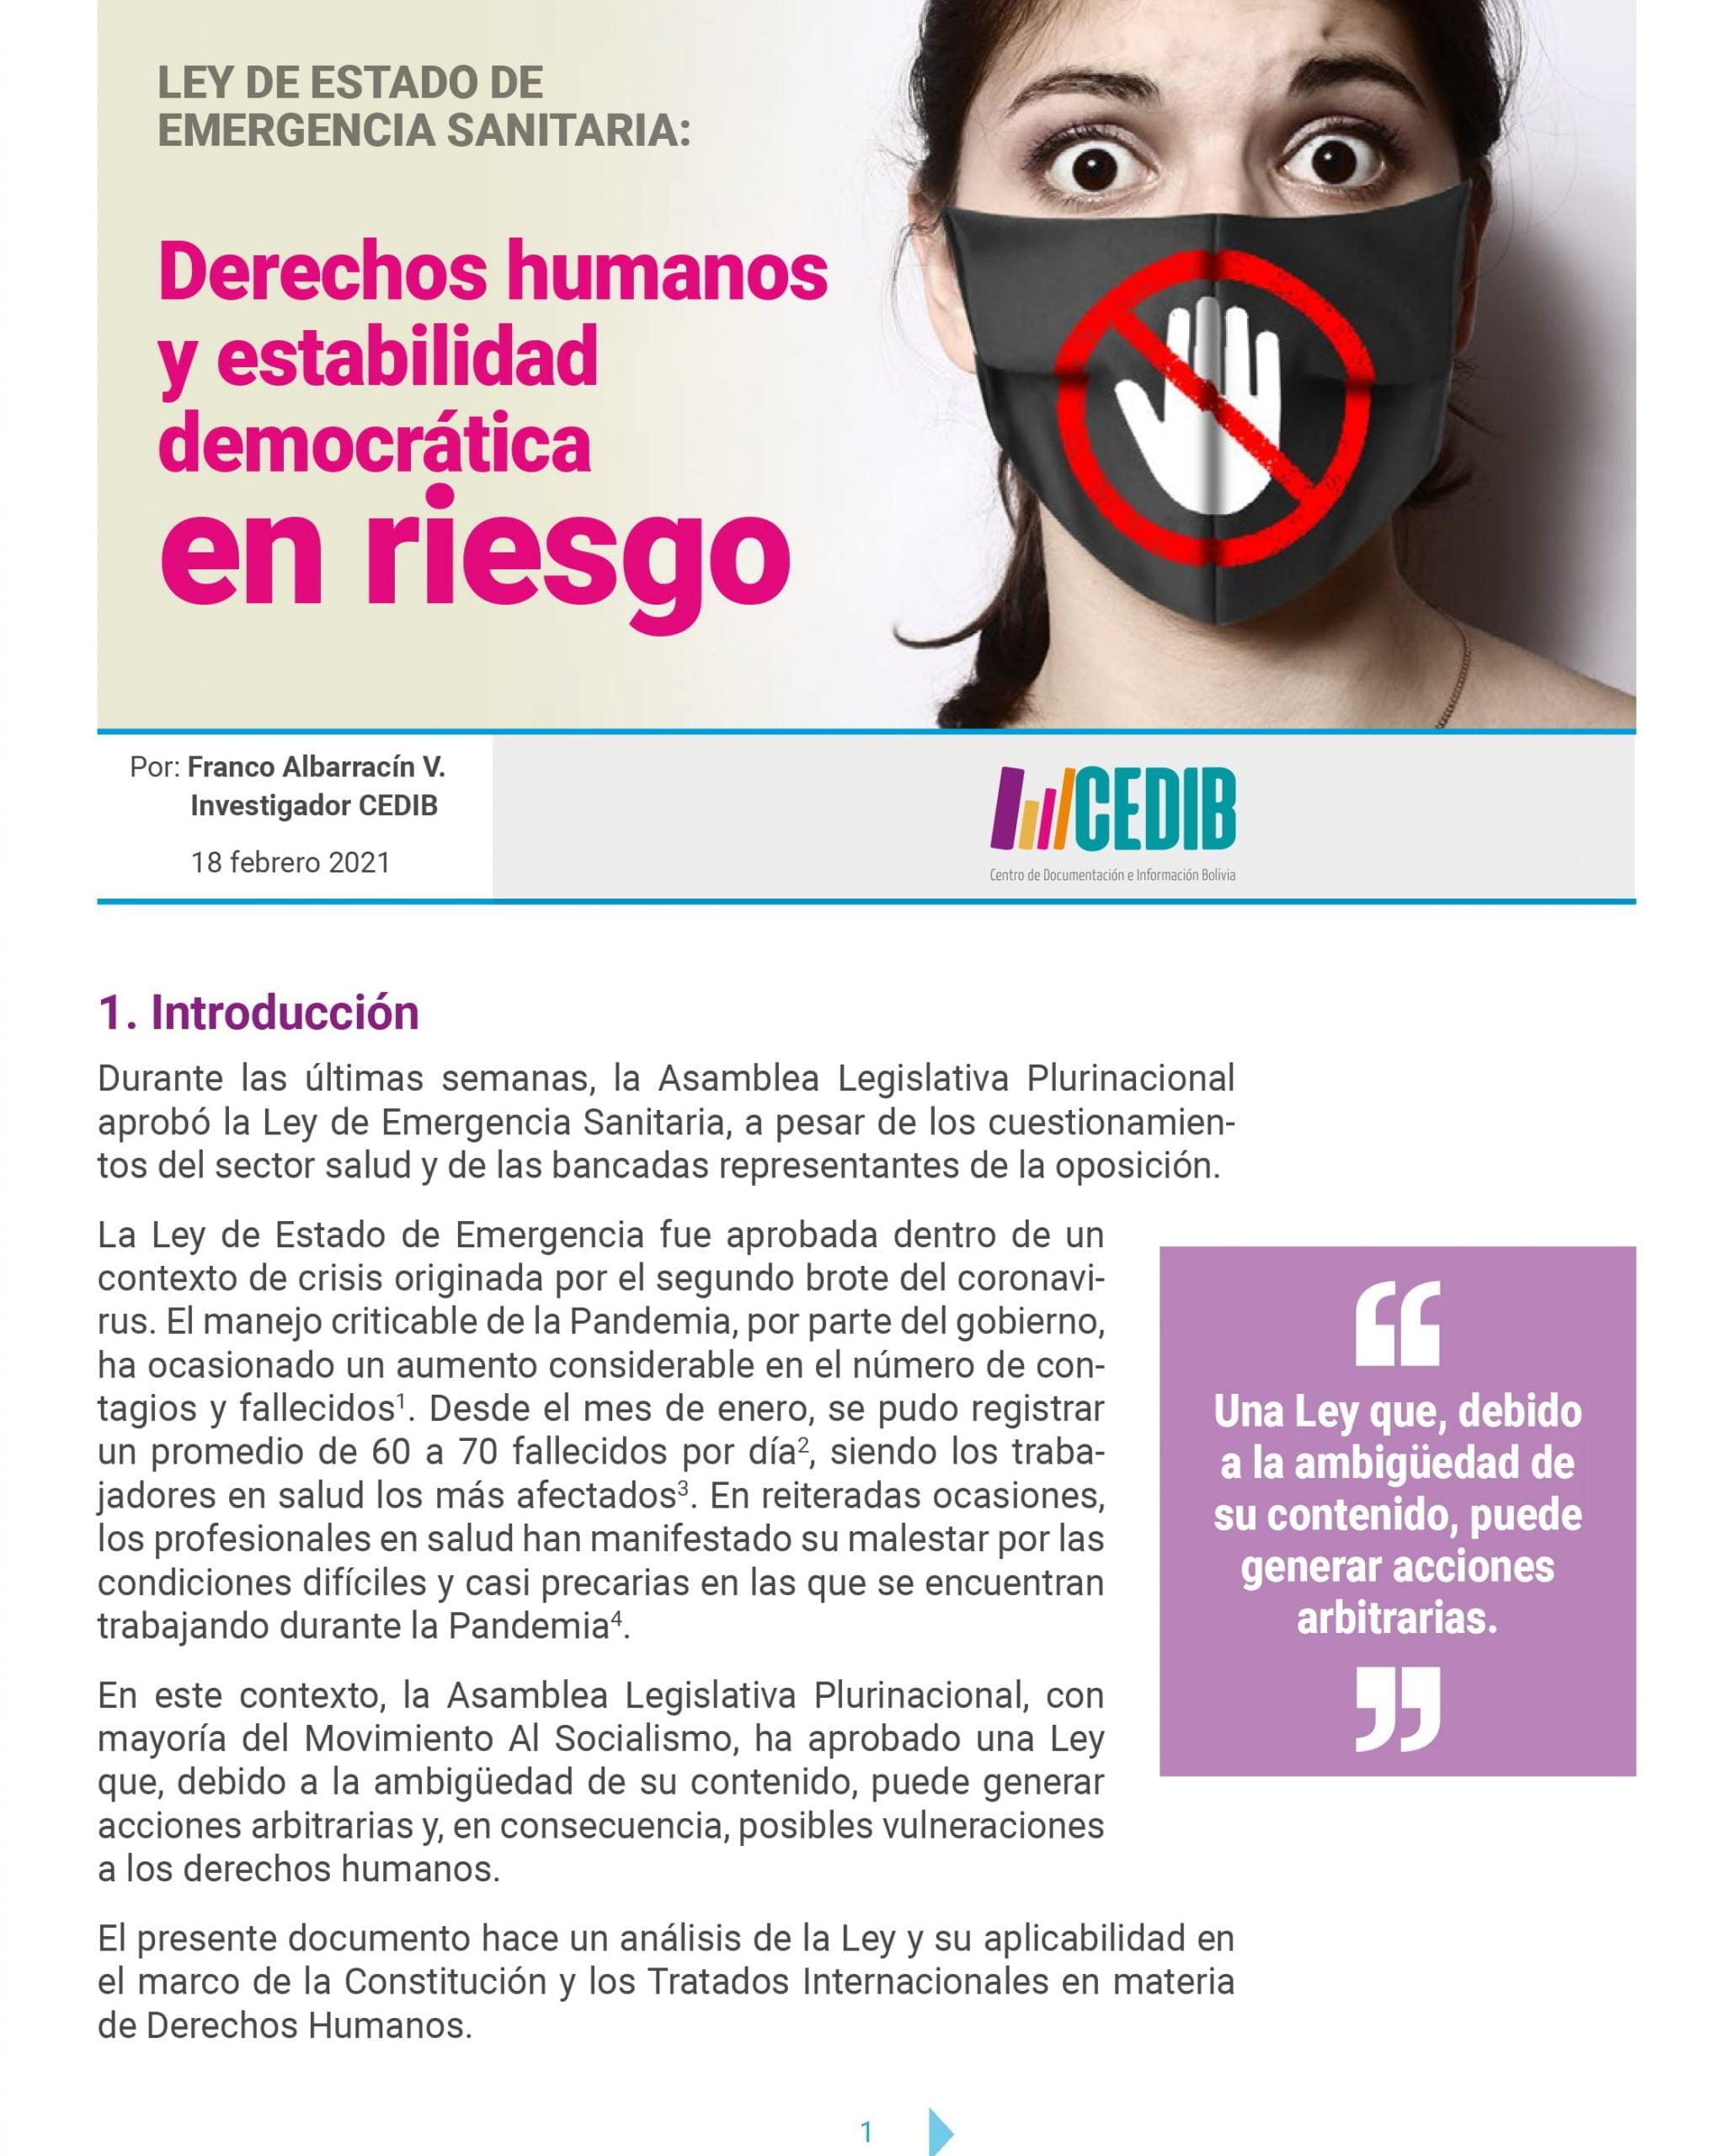 Ley de Estado de Emergencia Sanitaria: Derechos humanos y estabilidad democrática en riesgo